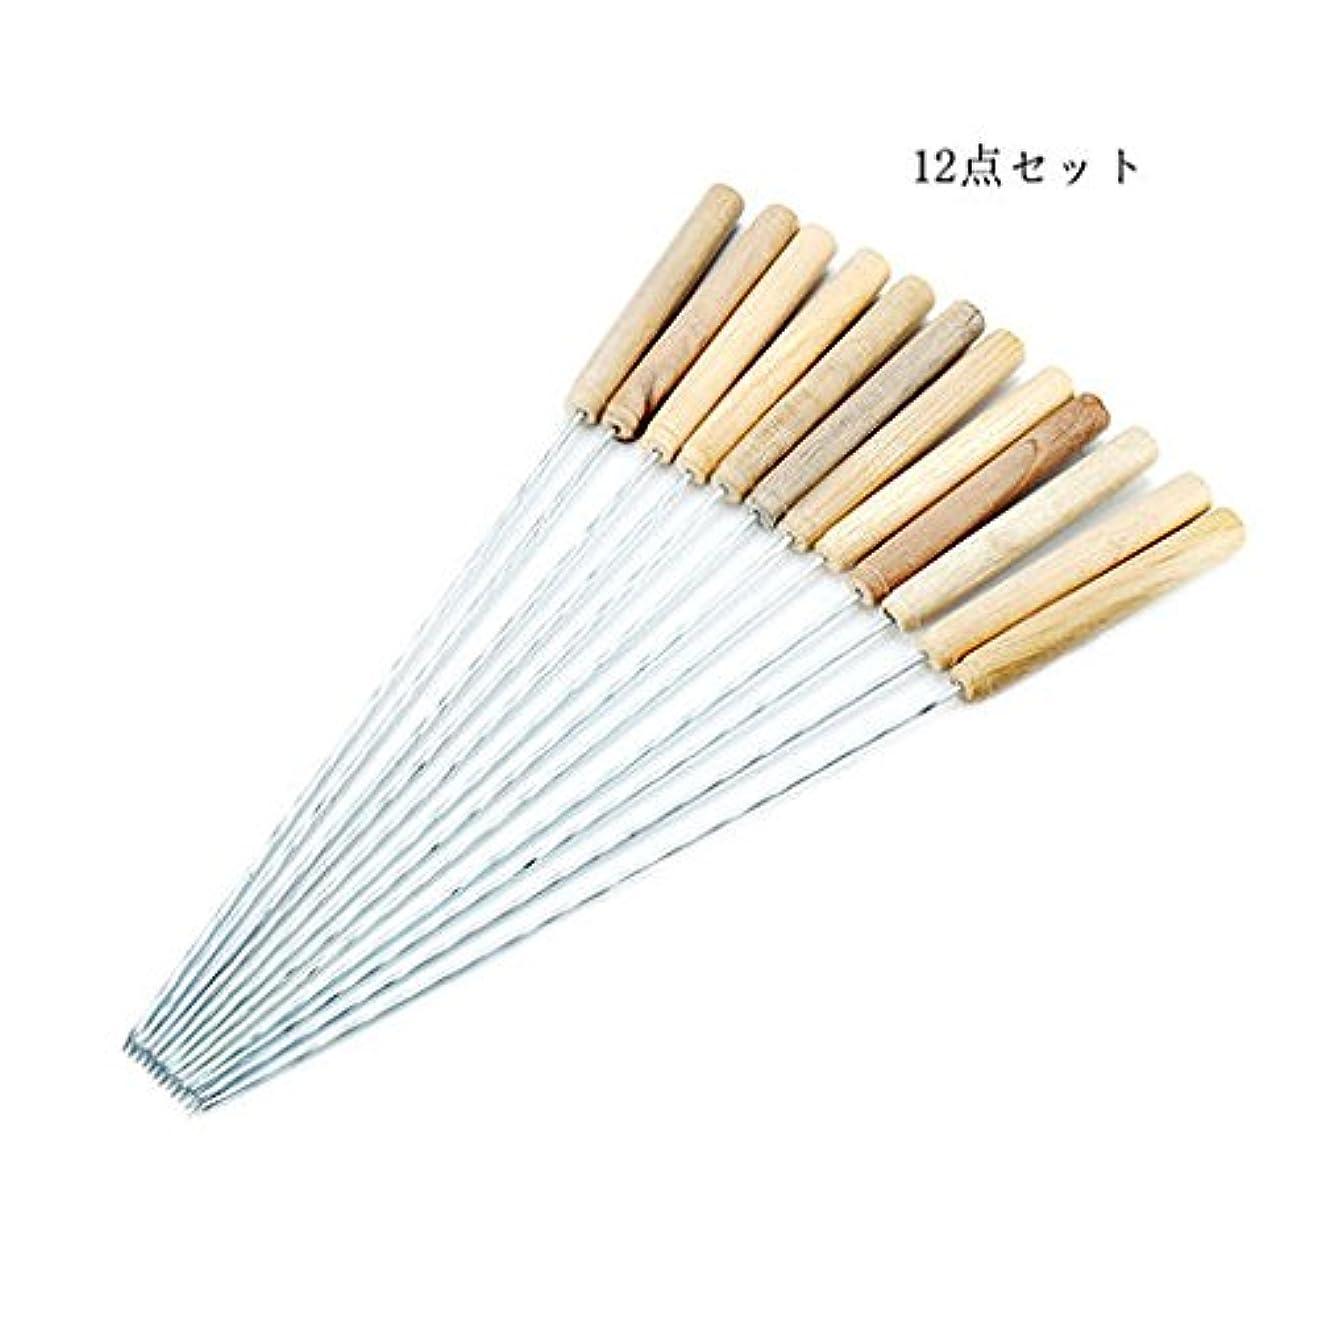 熟すに負けるレンチSix-Bullotime BBQ串 木製のハンドル ステンレス鋼の金属の串 バーベキュー用 焼肉 調理器 具焼き鳥 ツイスト滑り止め 12点セット